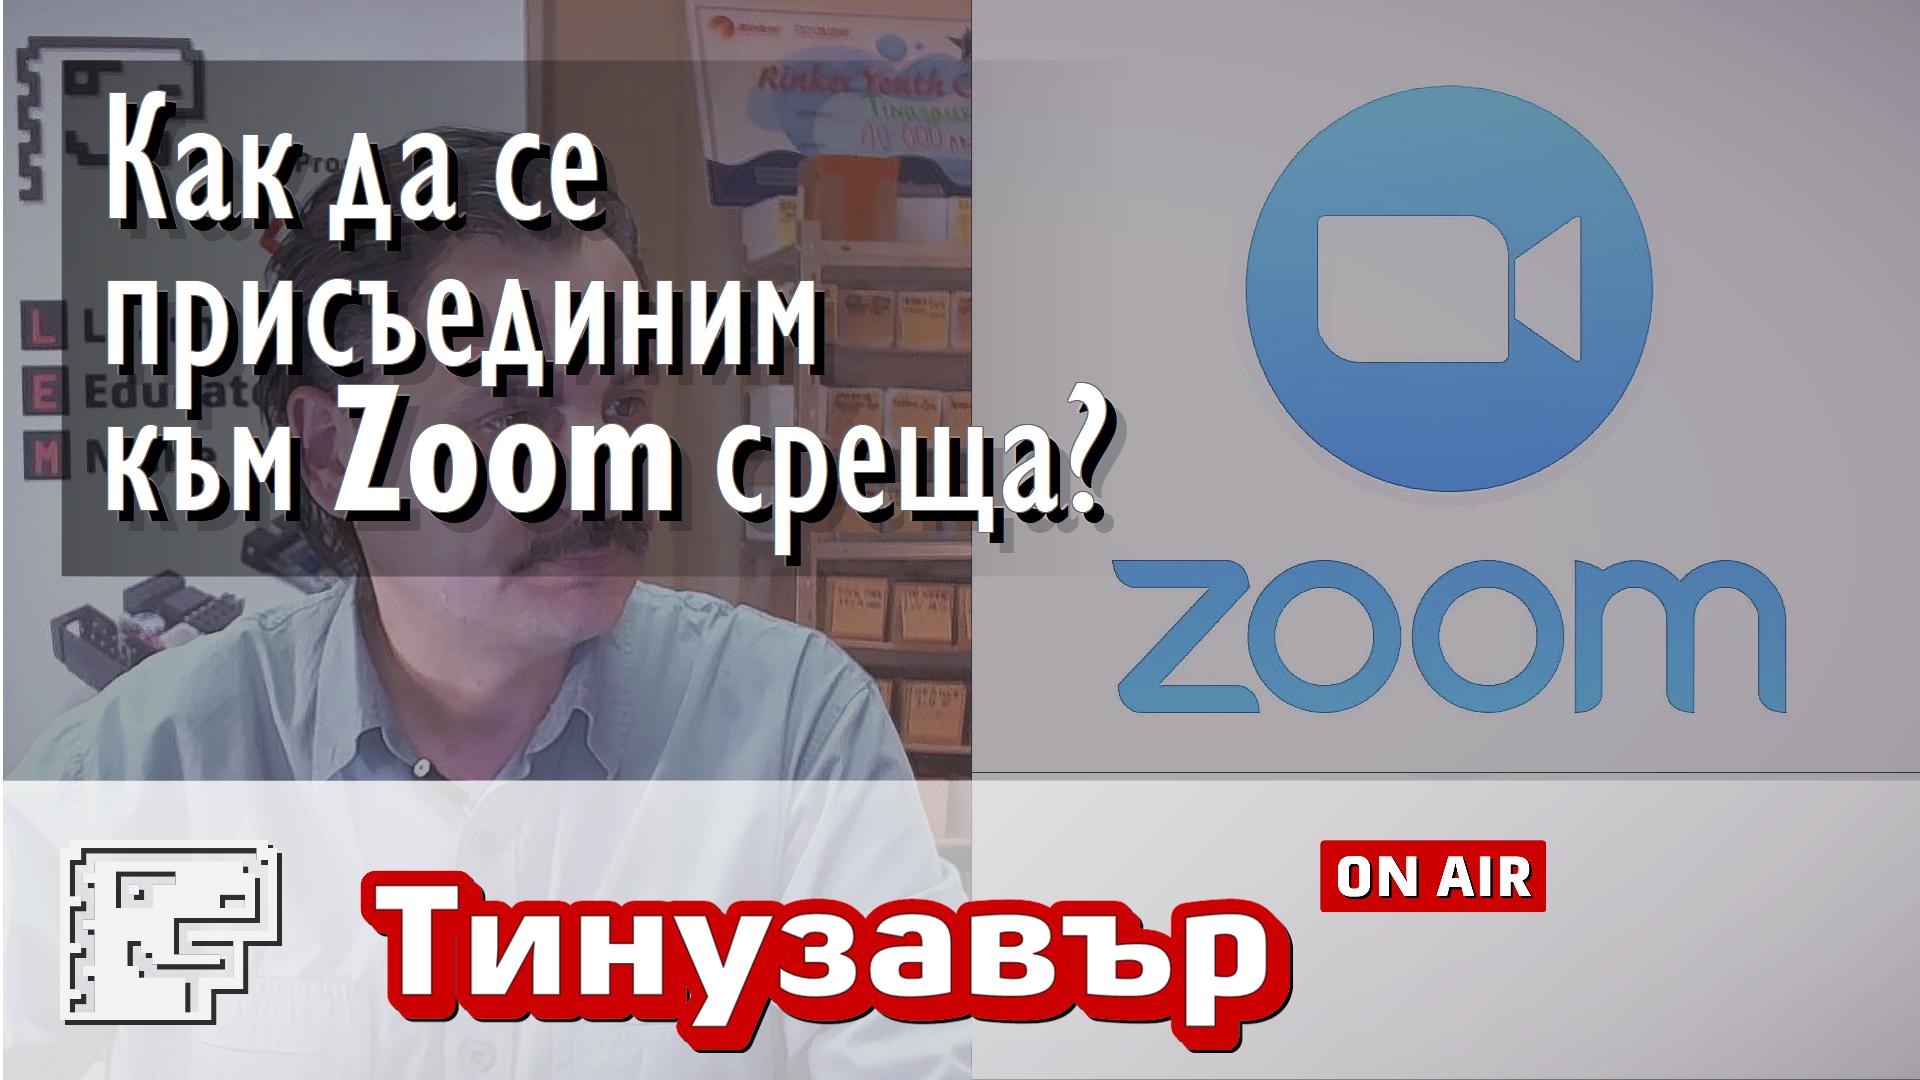 Как да се присъединим към Zoom среща